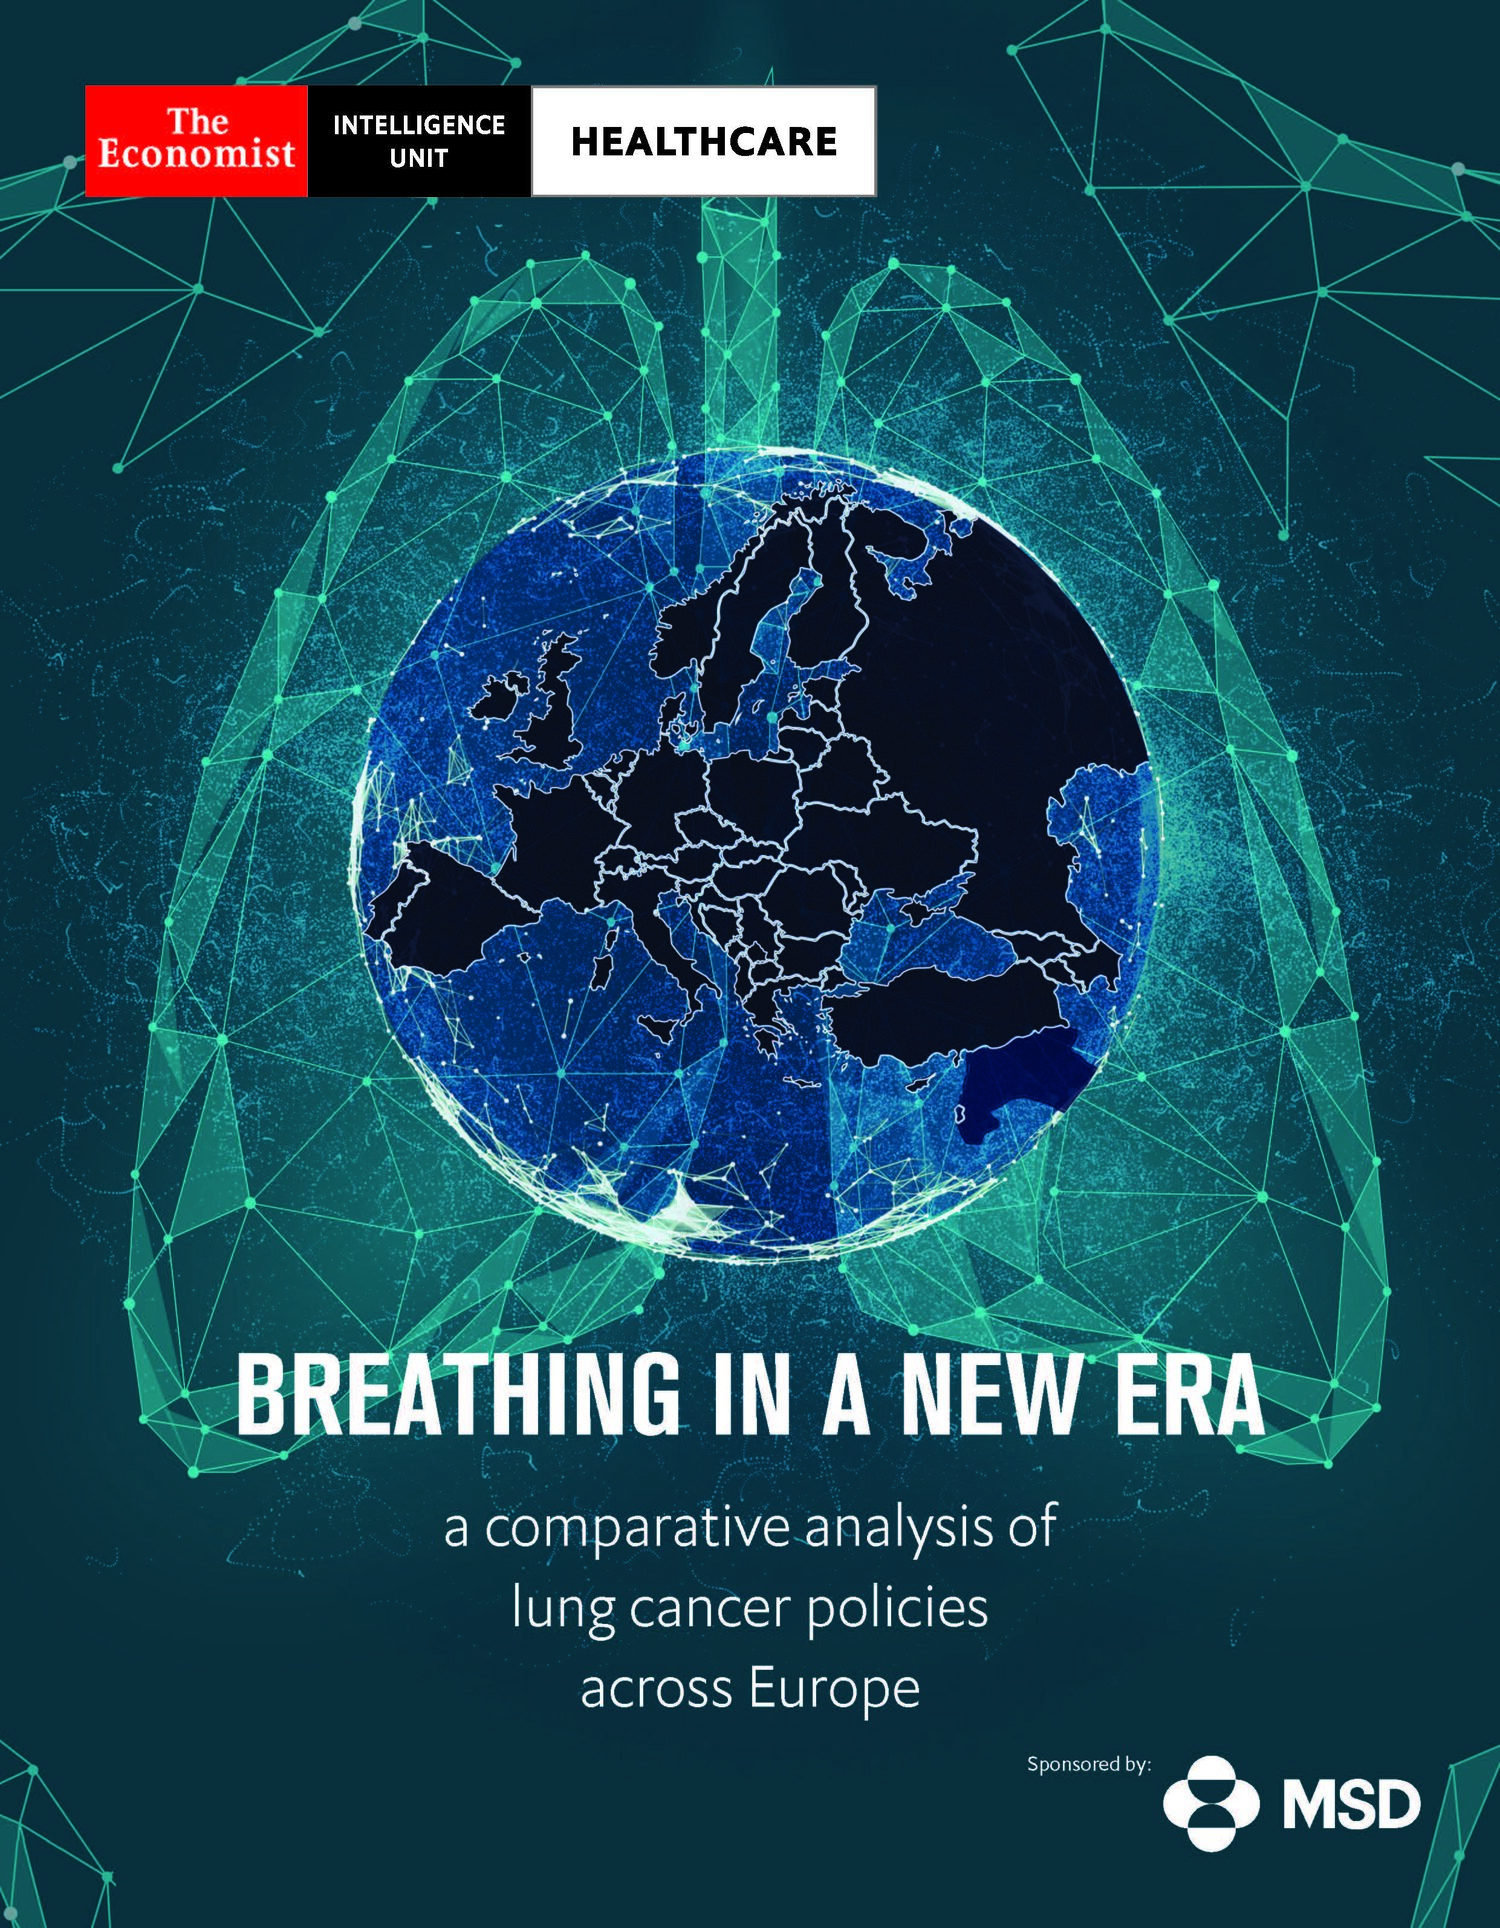 """Raport Economist Intelligence Unit (EIU):  """"Respirația într-o nouă eră: o analiză comparativă a politicilor de cancer pulmonar în Europa"""""""